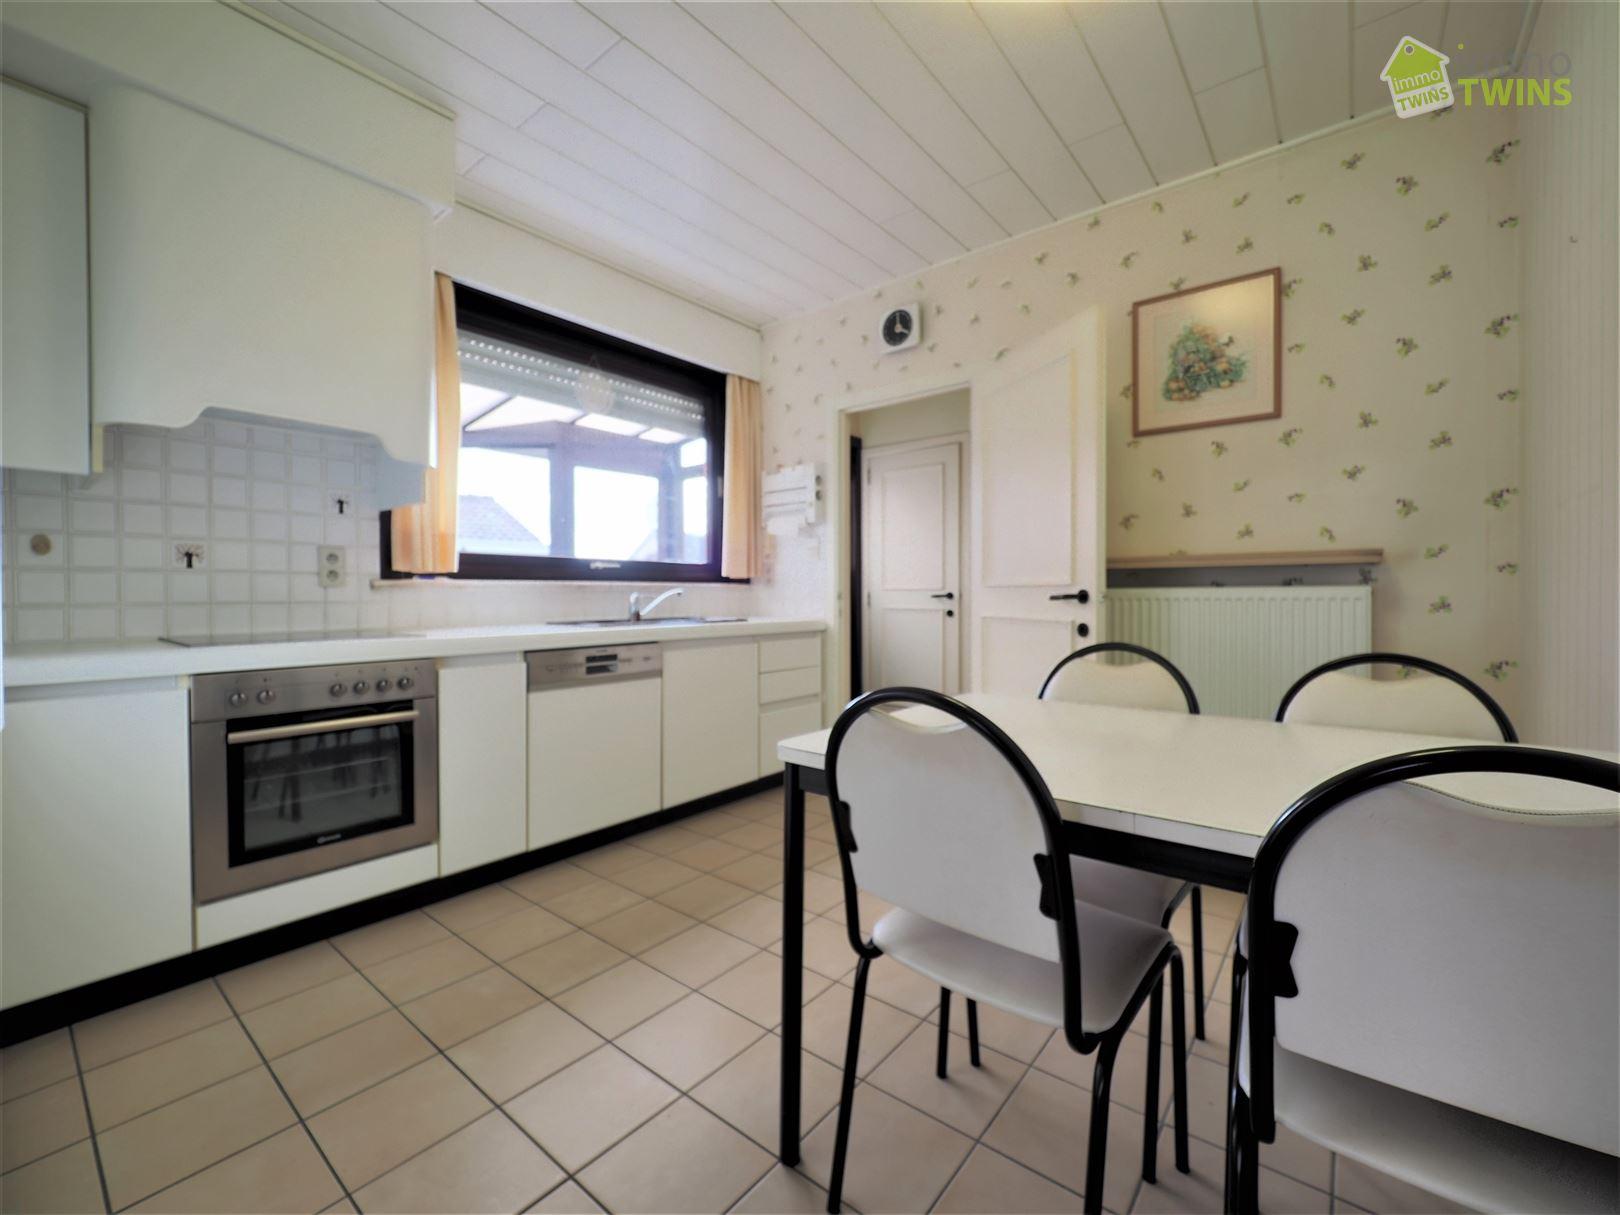 Foto 6 : Huis te 9240 ZELE (België) - Prijs € 345.000